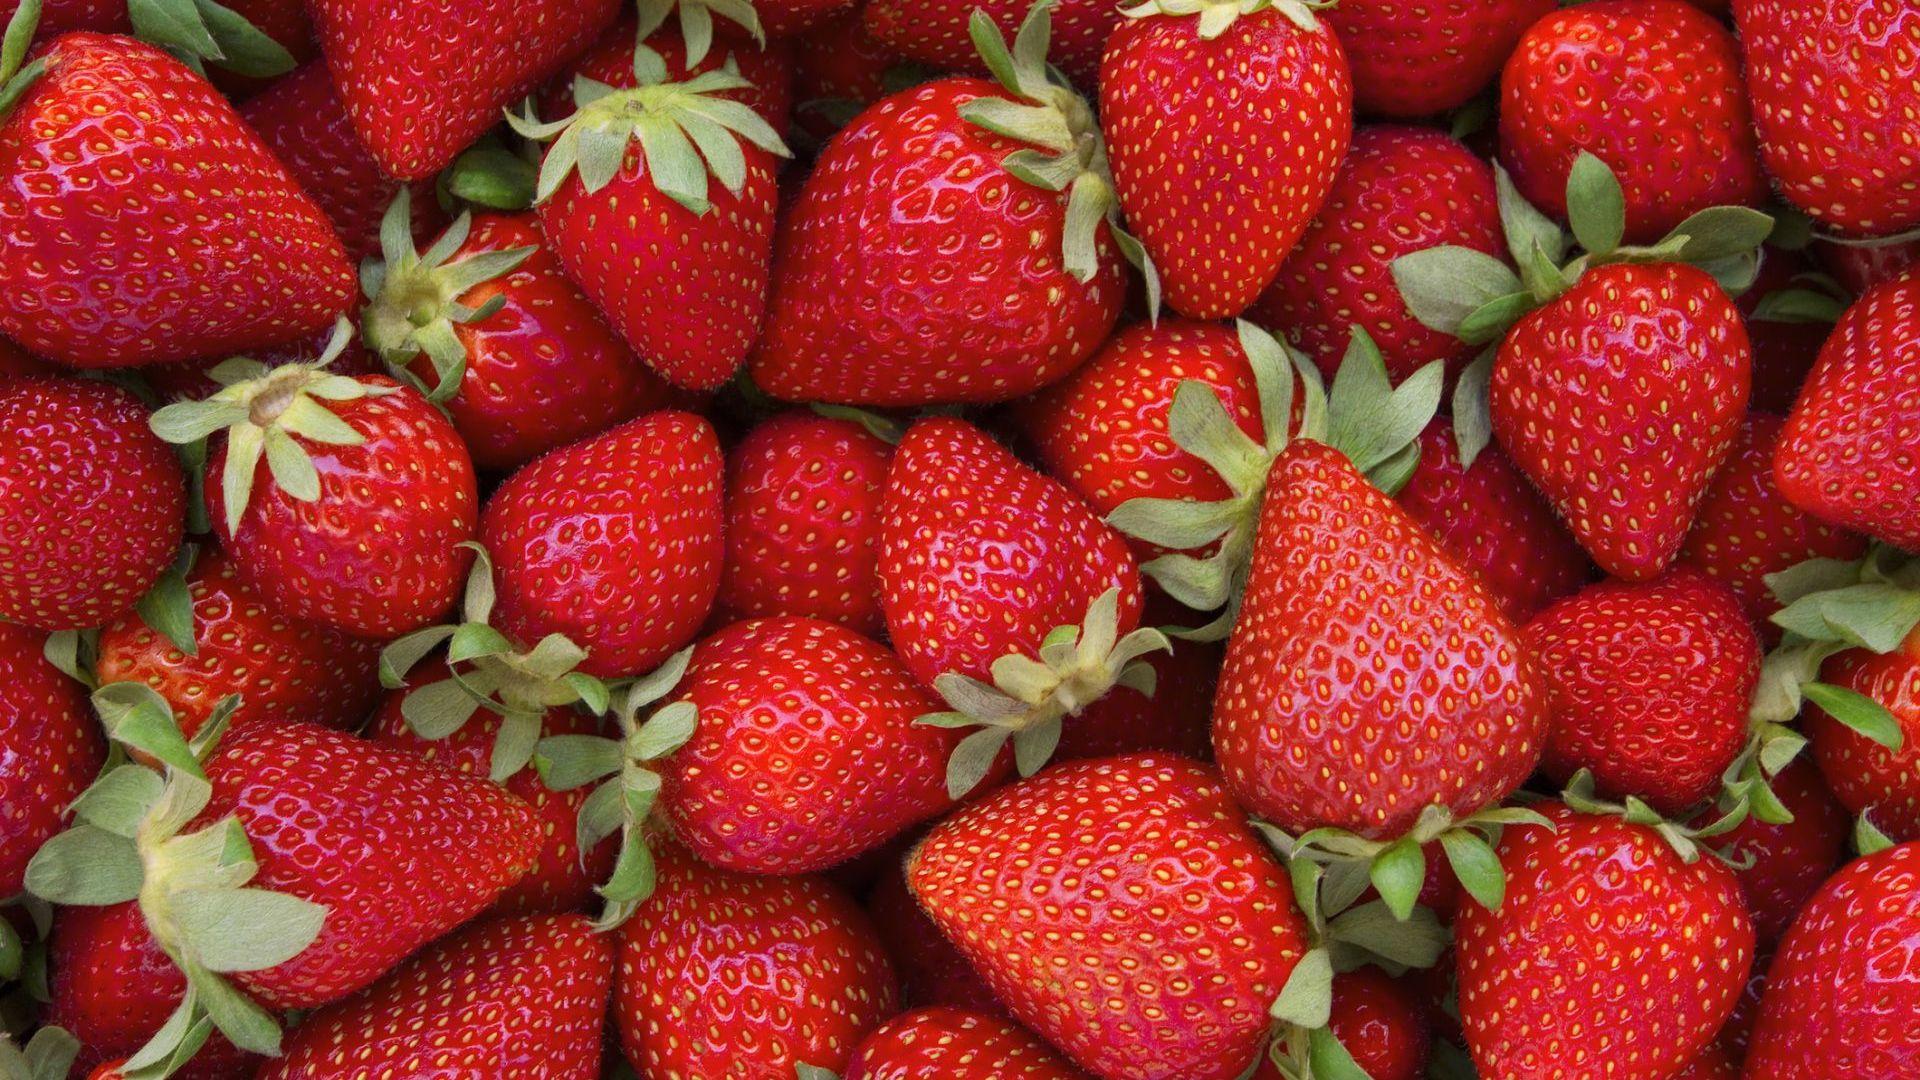 Безработните финландци берат ягоди по време на пандемията